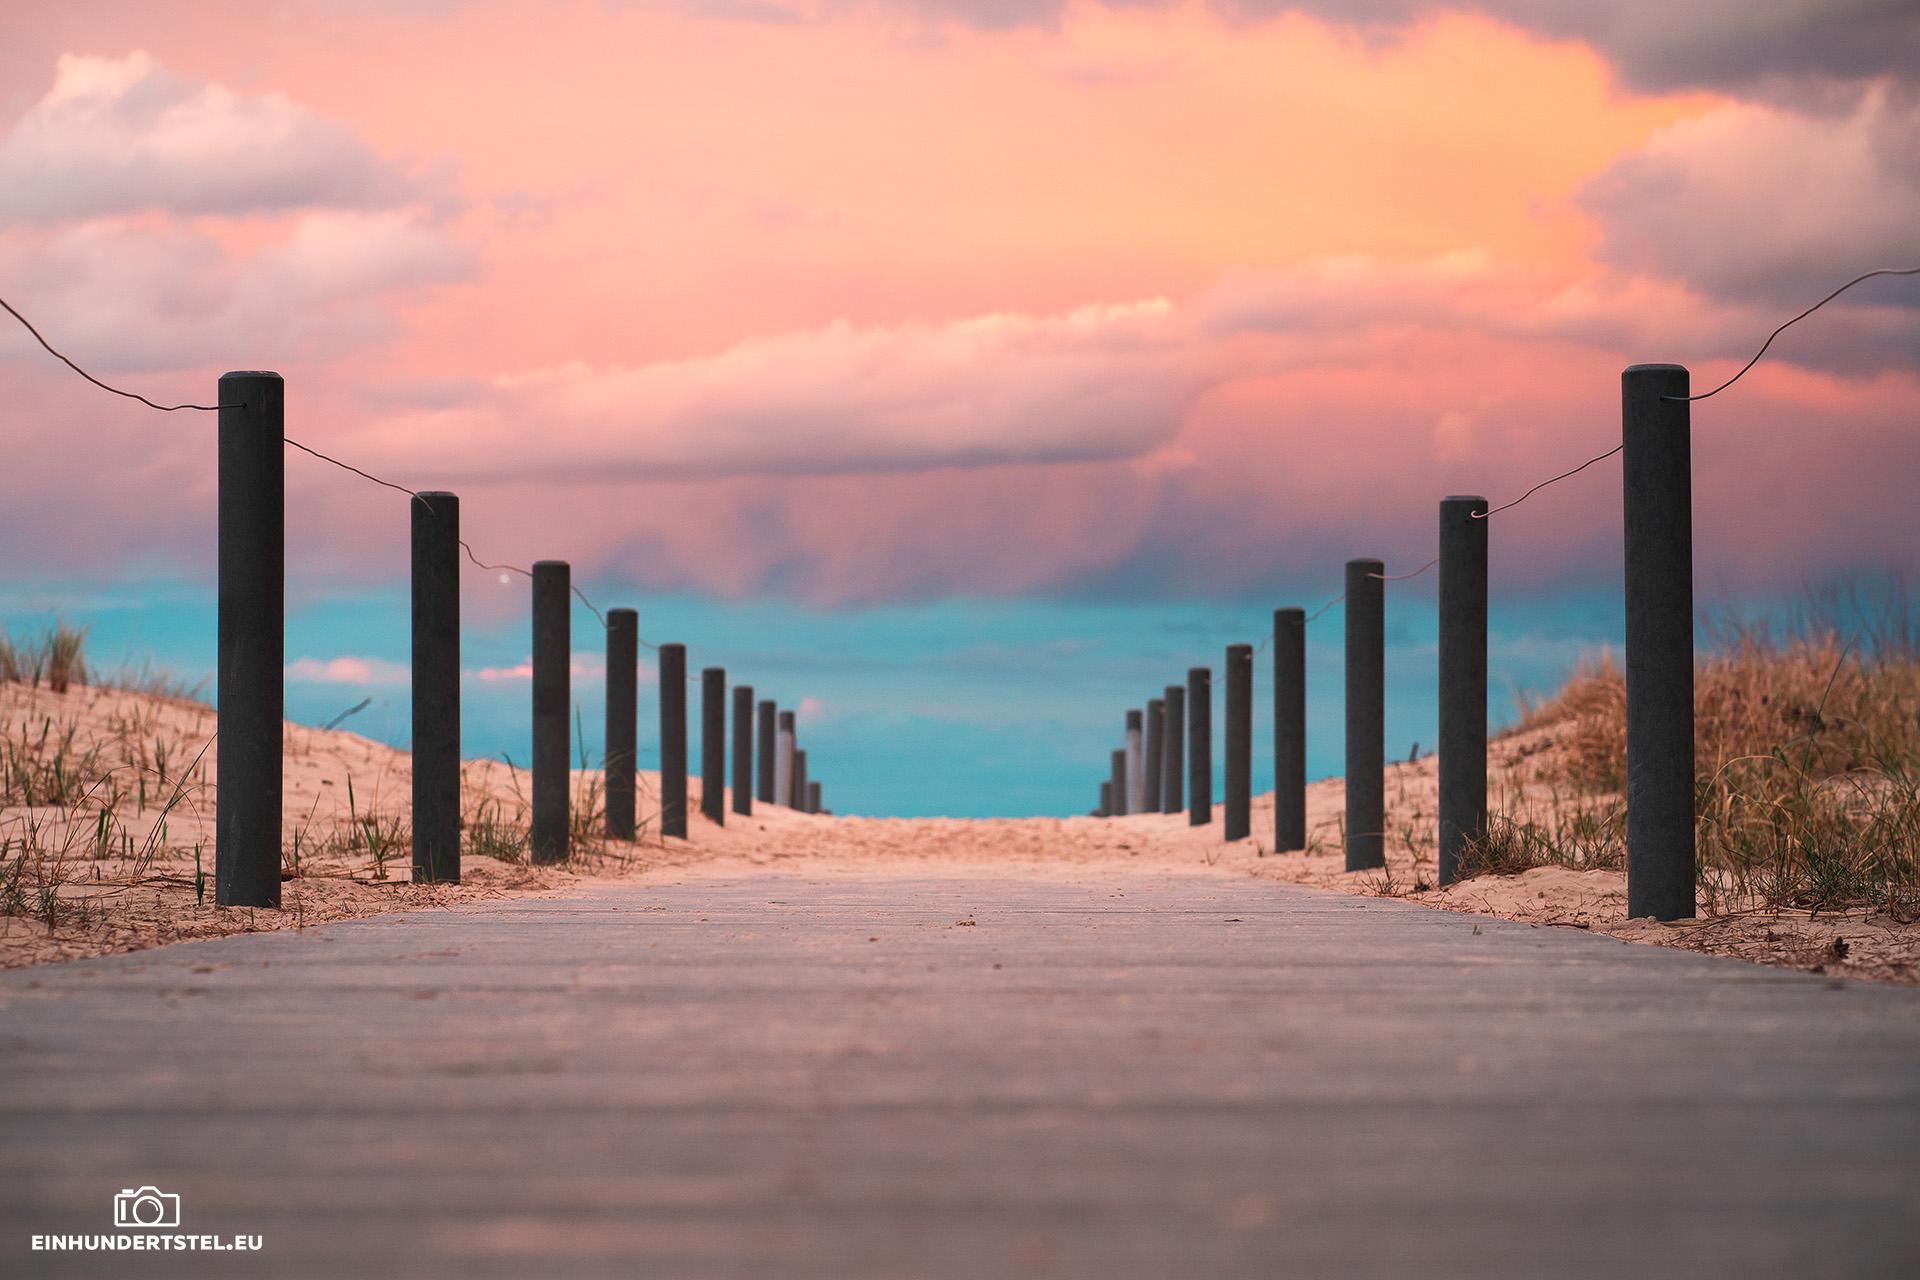 Weg zum Strand in Ahlbeck bei Sonnenuntergang mit farbenfrohen Wolken.